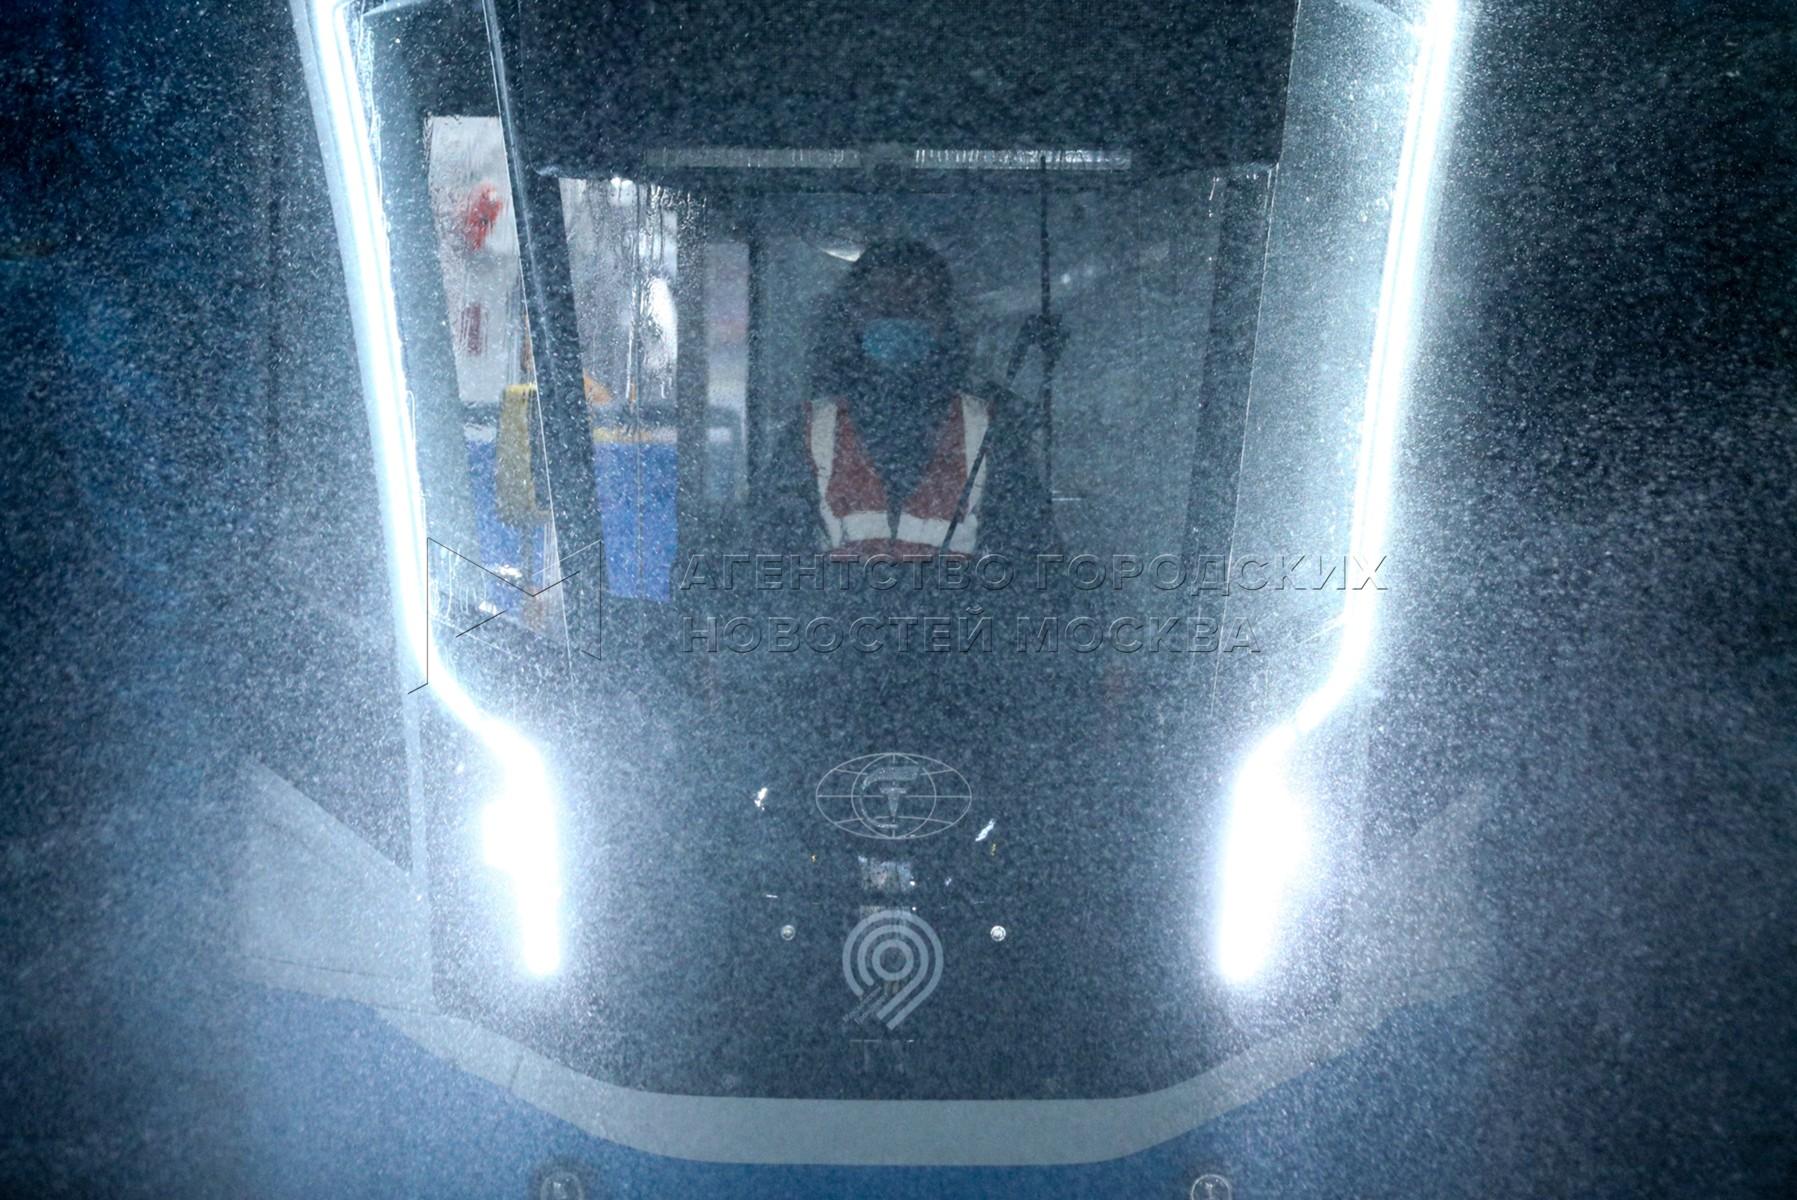 Дезинфекция трамваев для предупреждения распространения коронавирусной инфекции в депо имени Баумана.